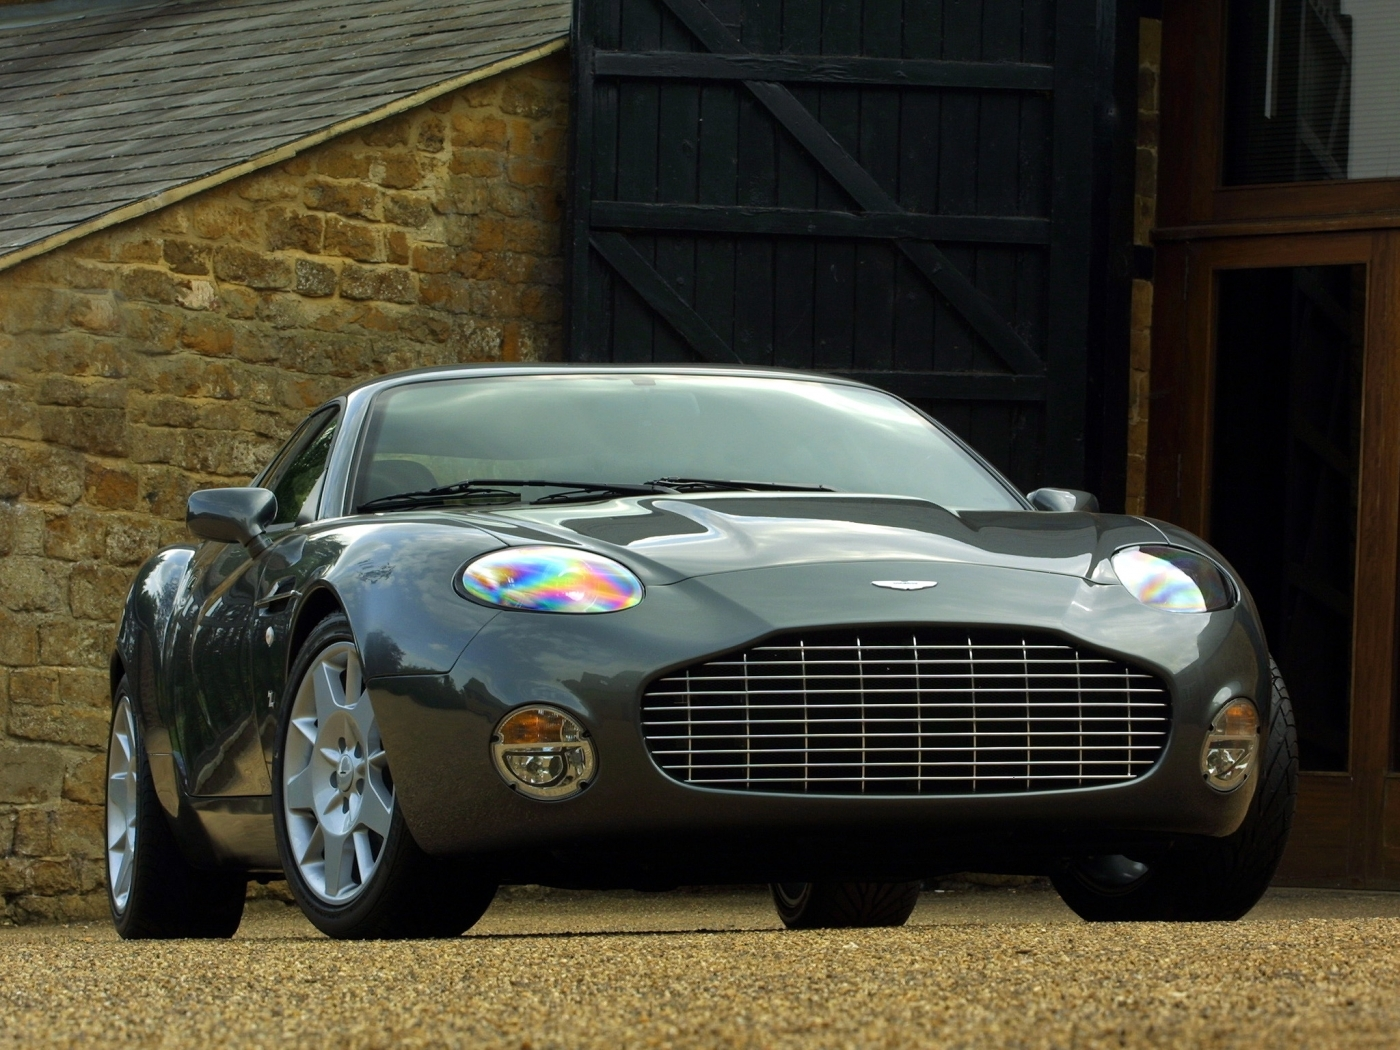 40850 скачать обои Транспорт, Машины, Астон Мартин (Aston Martin) - заставки и картинки бесплатно